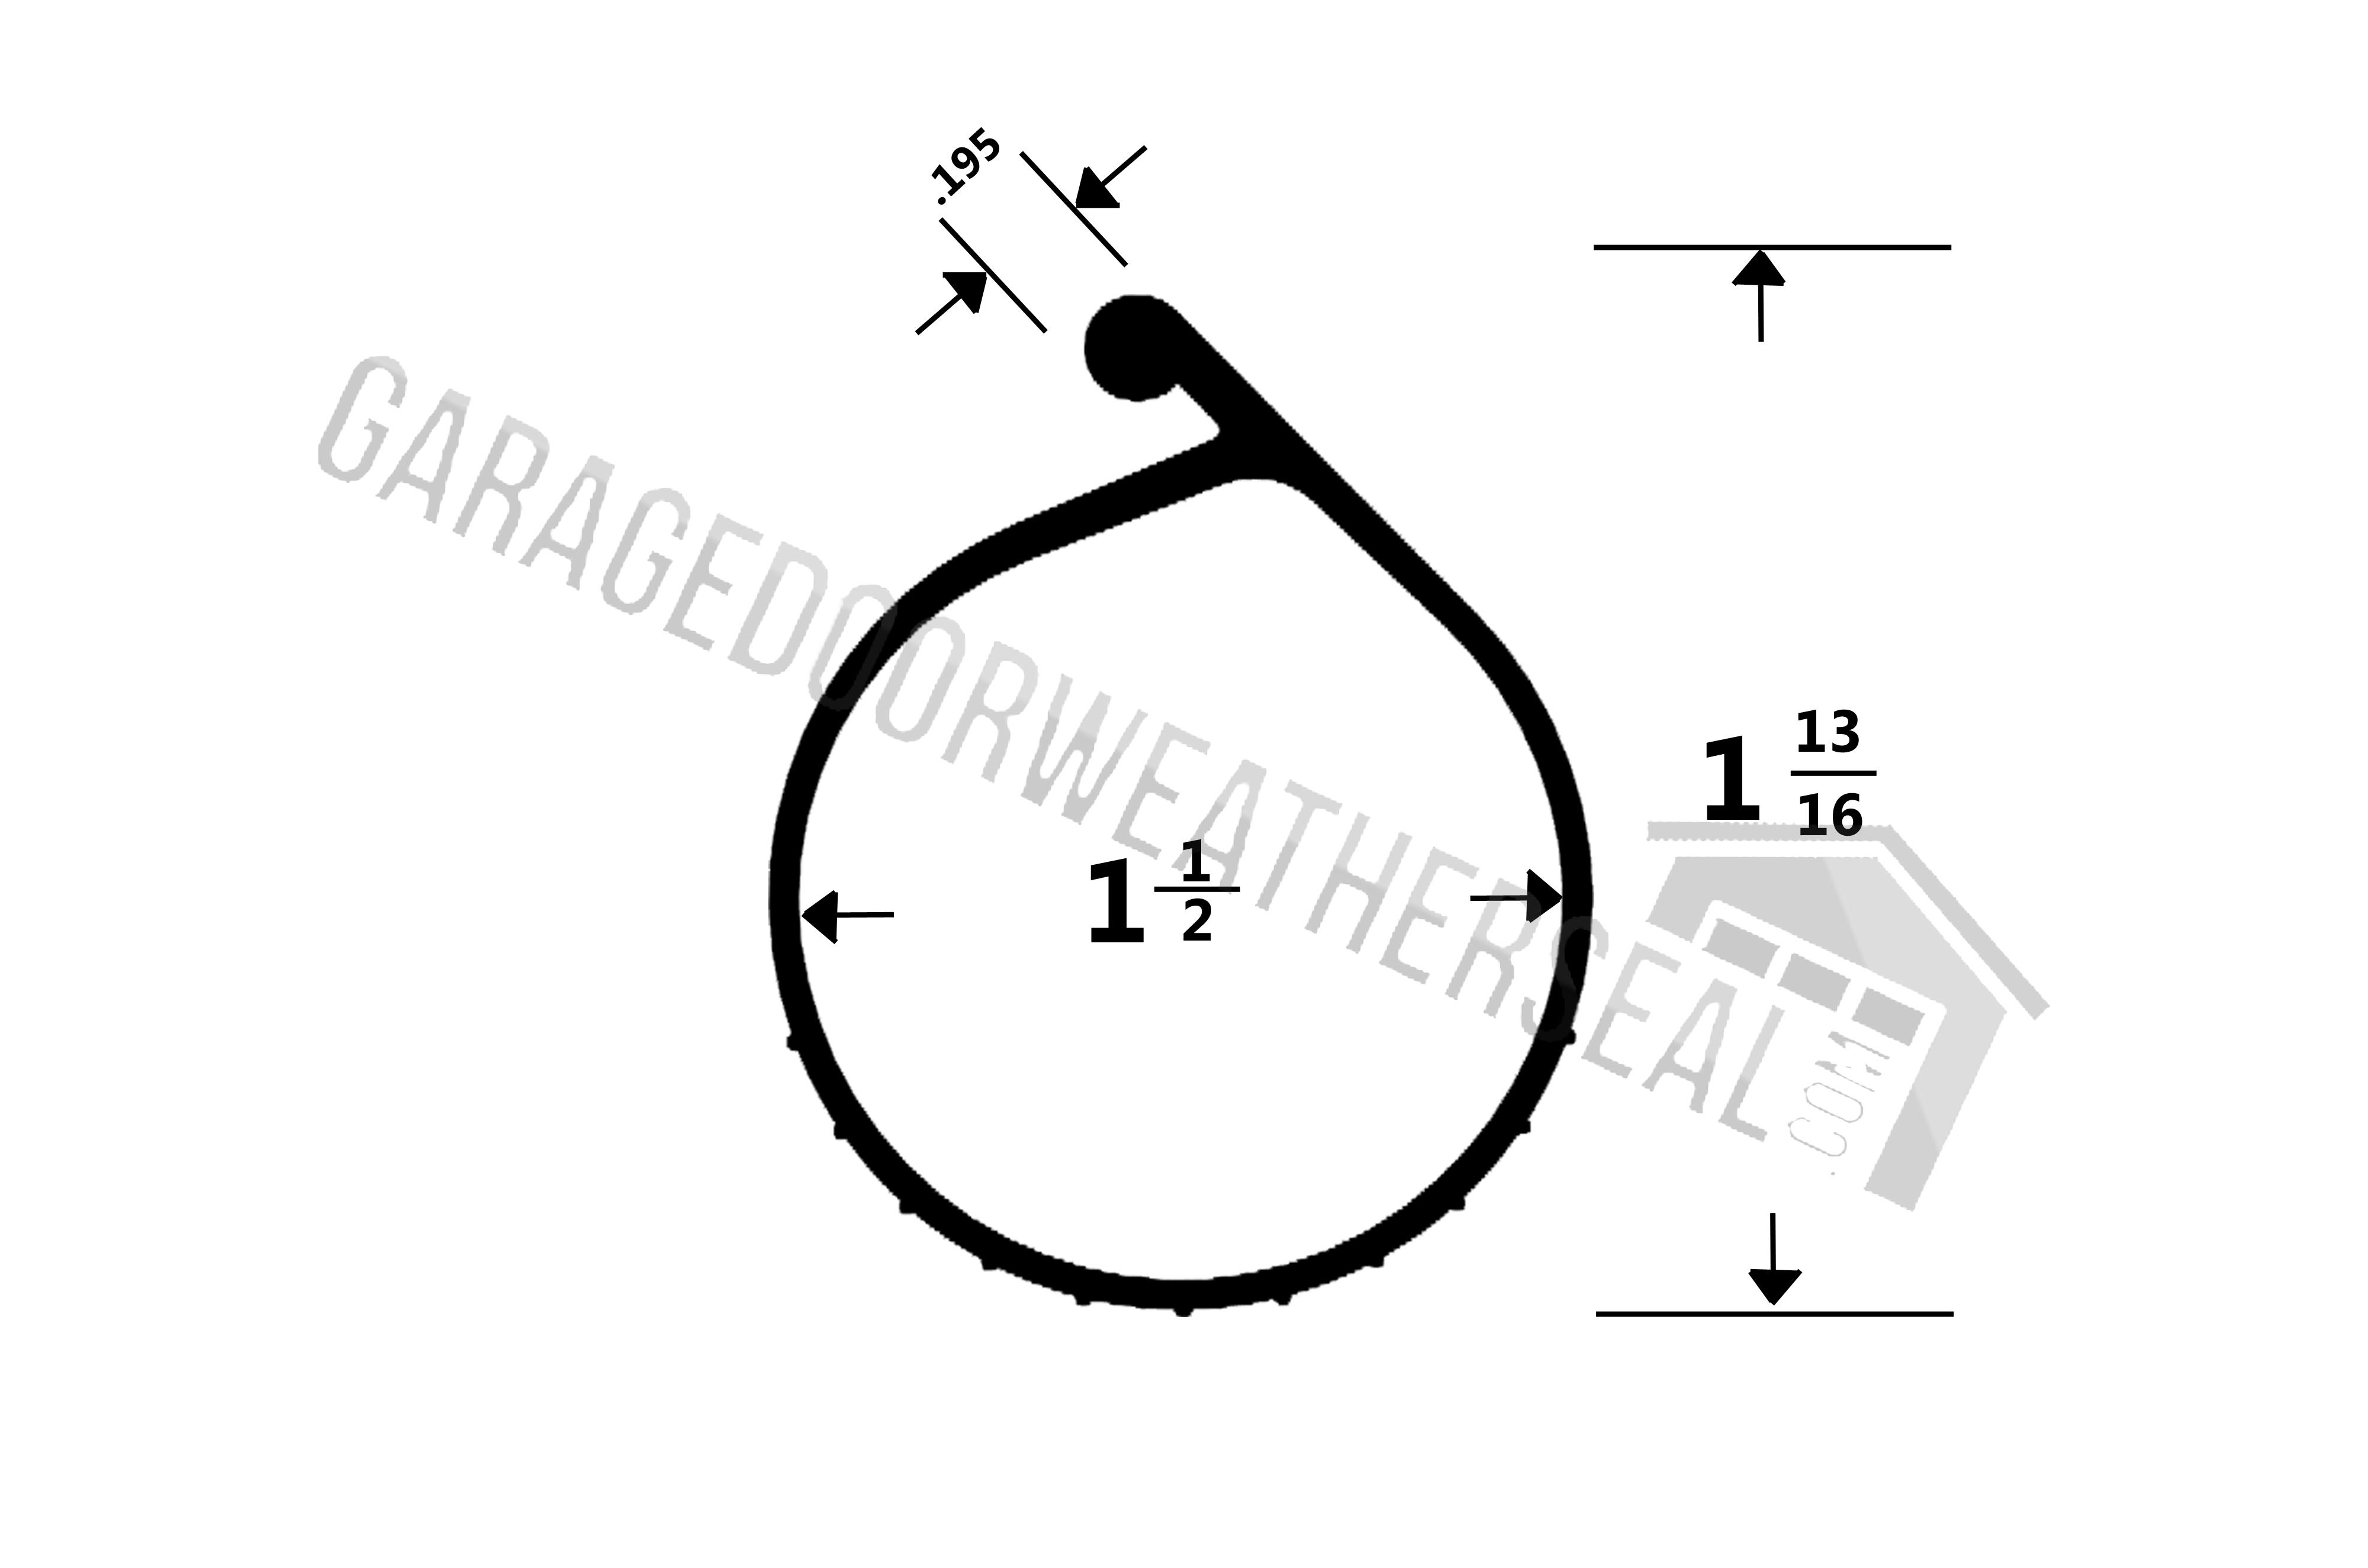 2004 cadillac xlr engine diagram 1999 cadillac catera